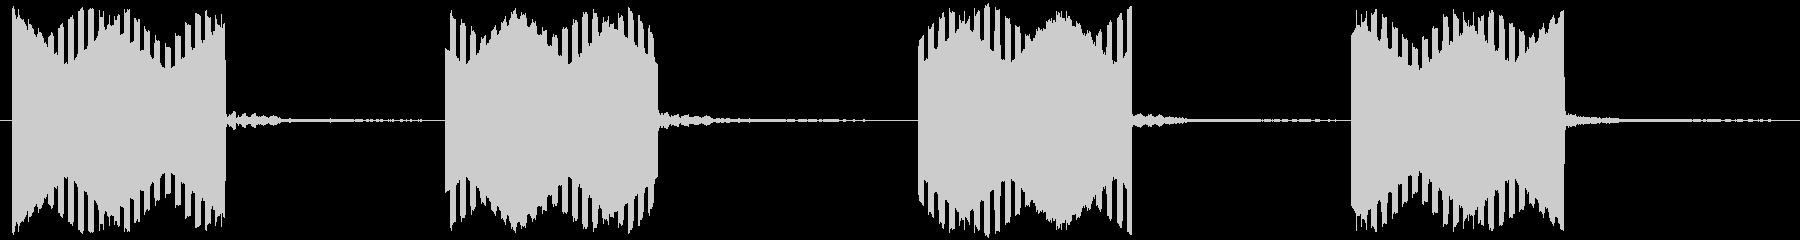 電話の音(固定電話)の未再生の波形